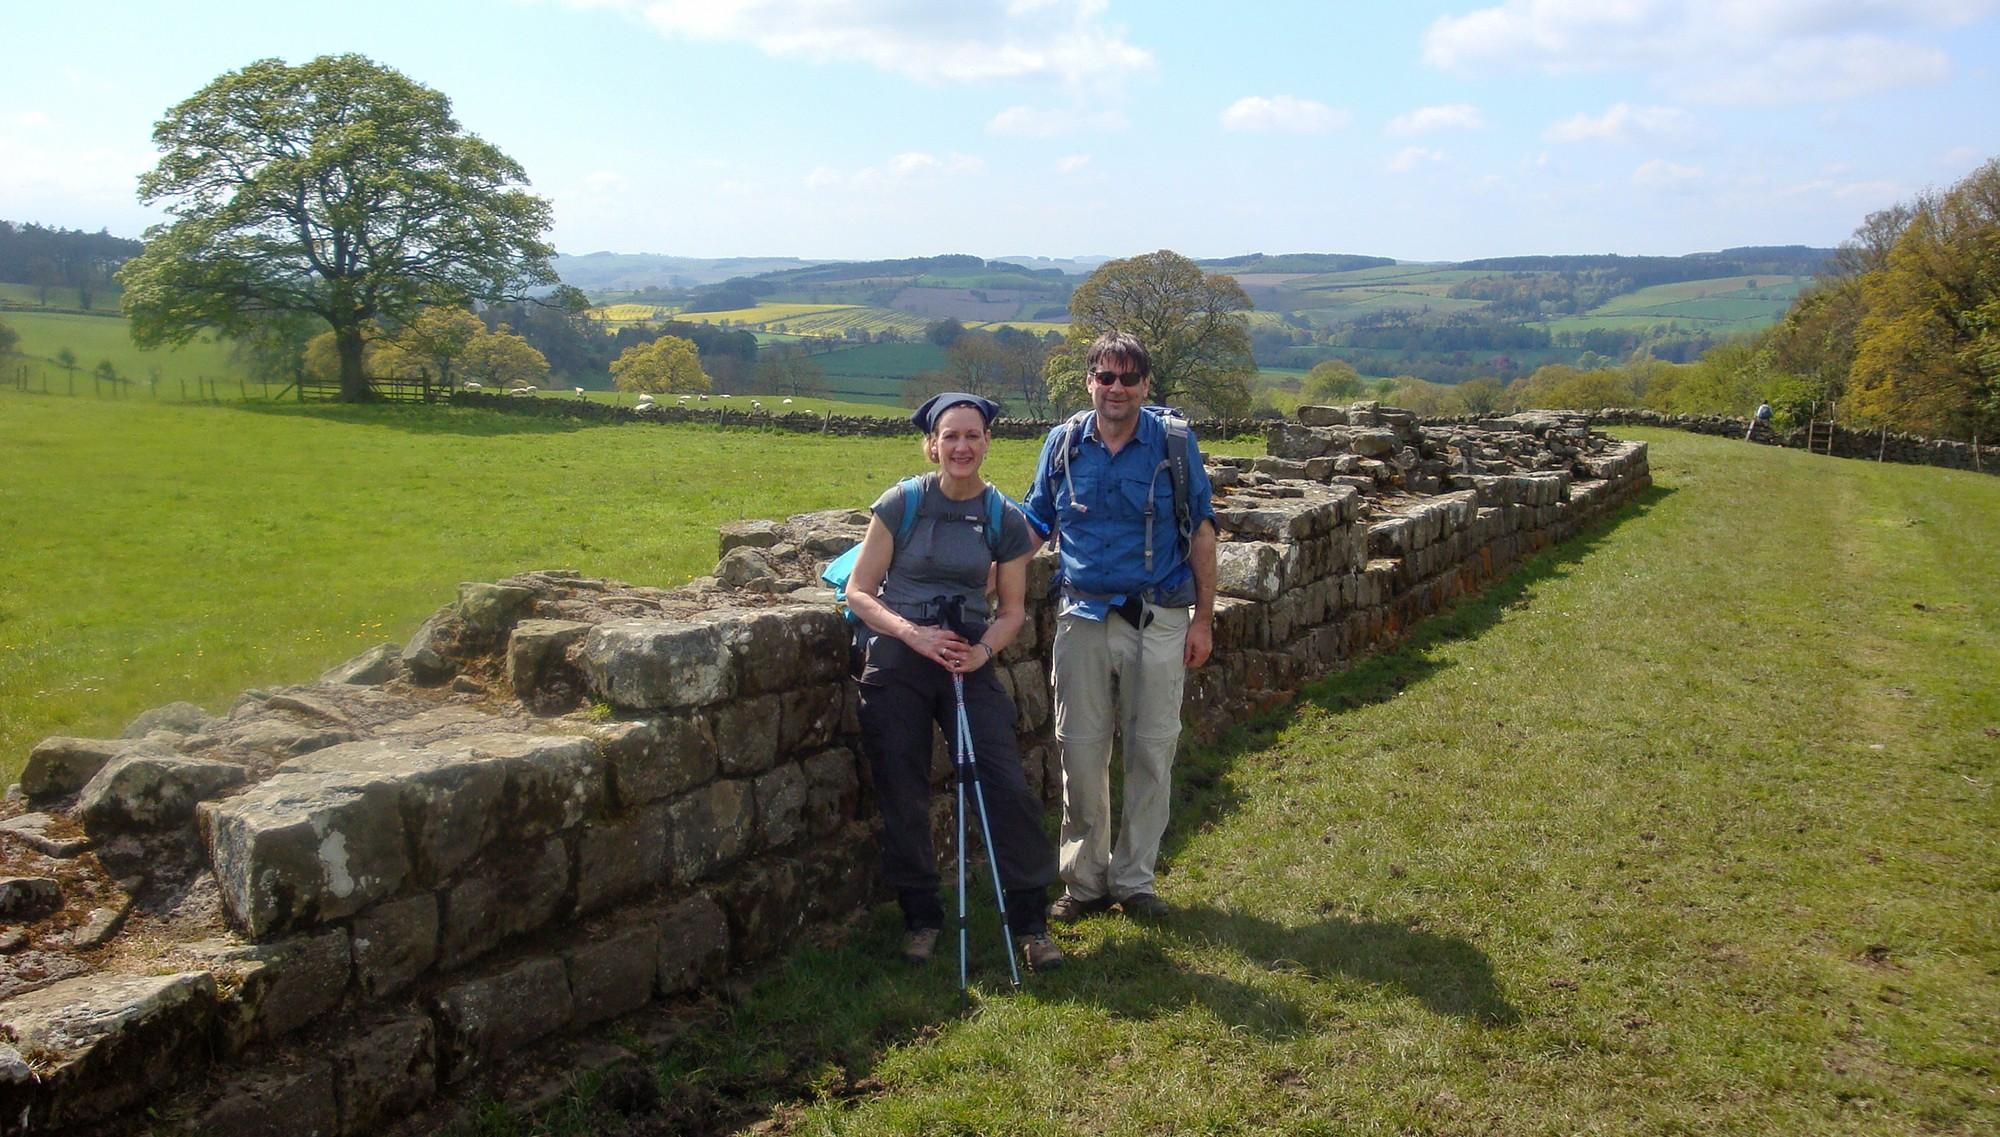 Marjorie and Rich alongside rock wall